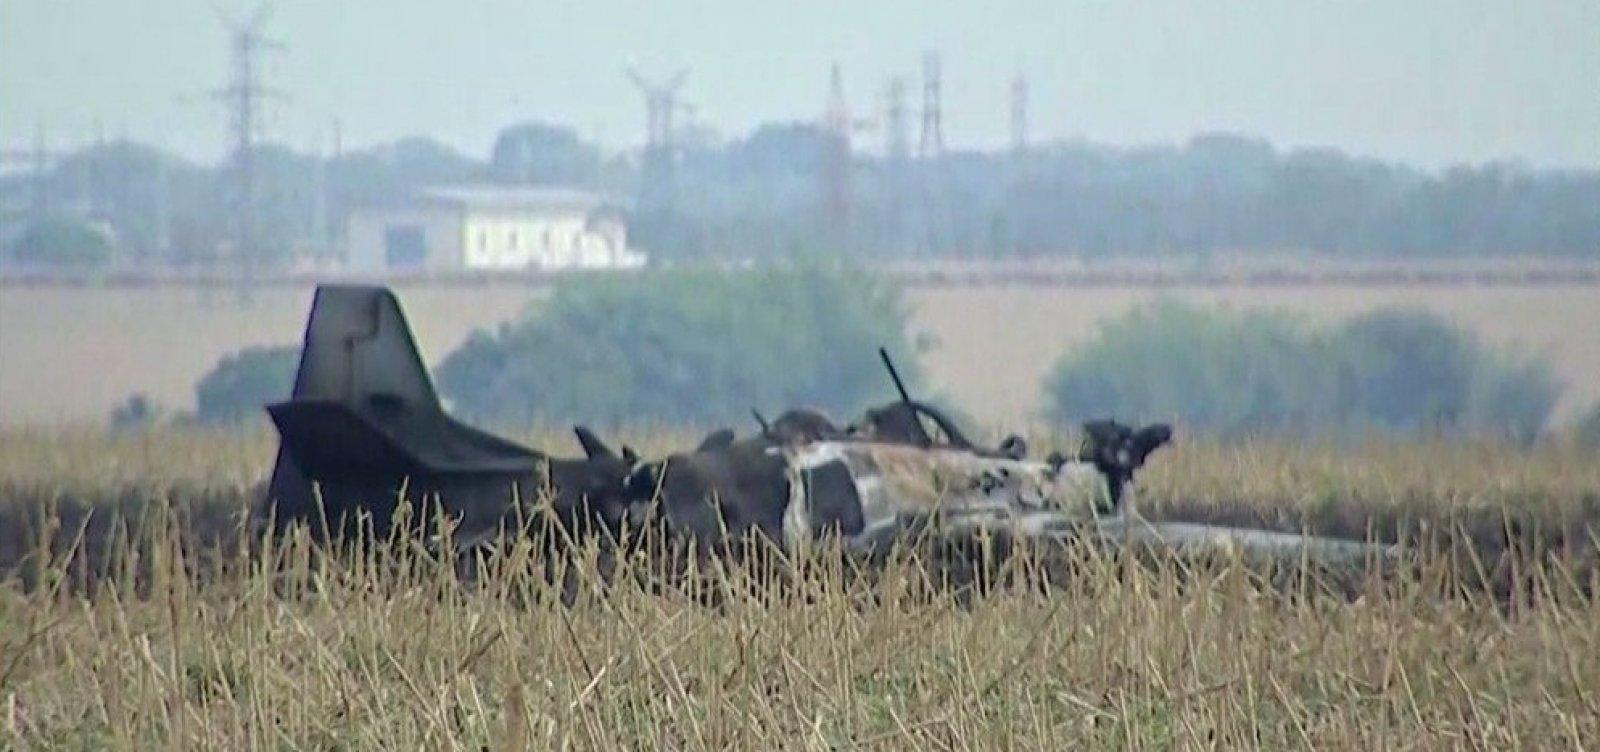 Piloto consegue se lançar para fora antes da queda de aeronave no Mato Grosso do Sul